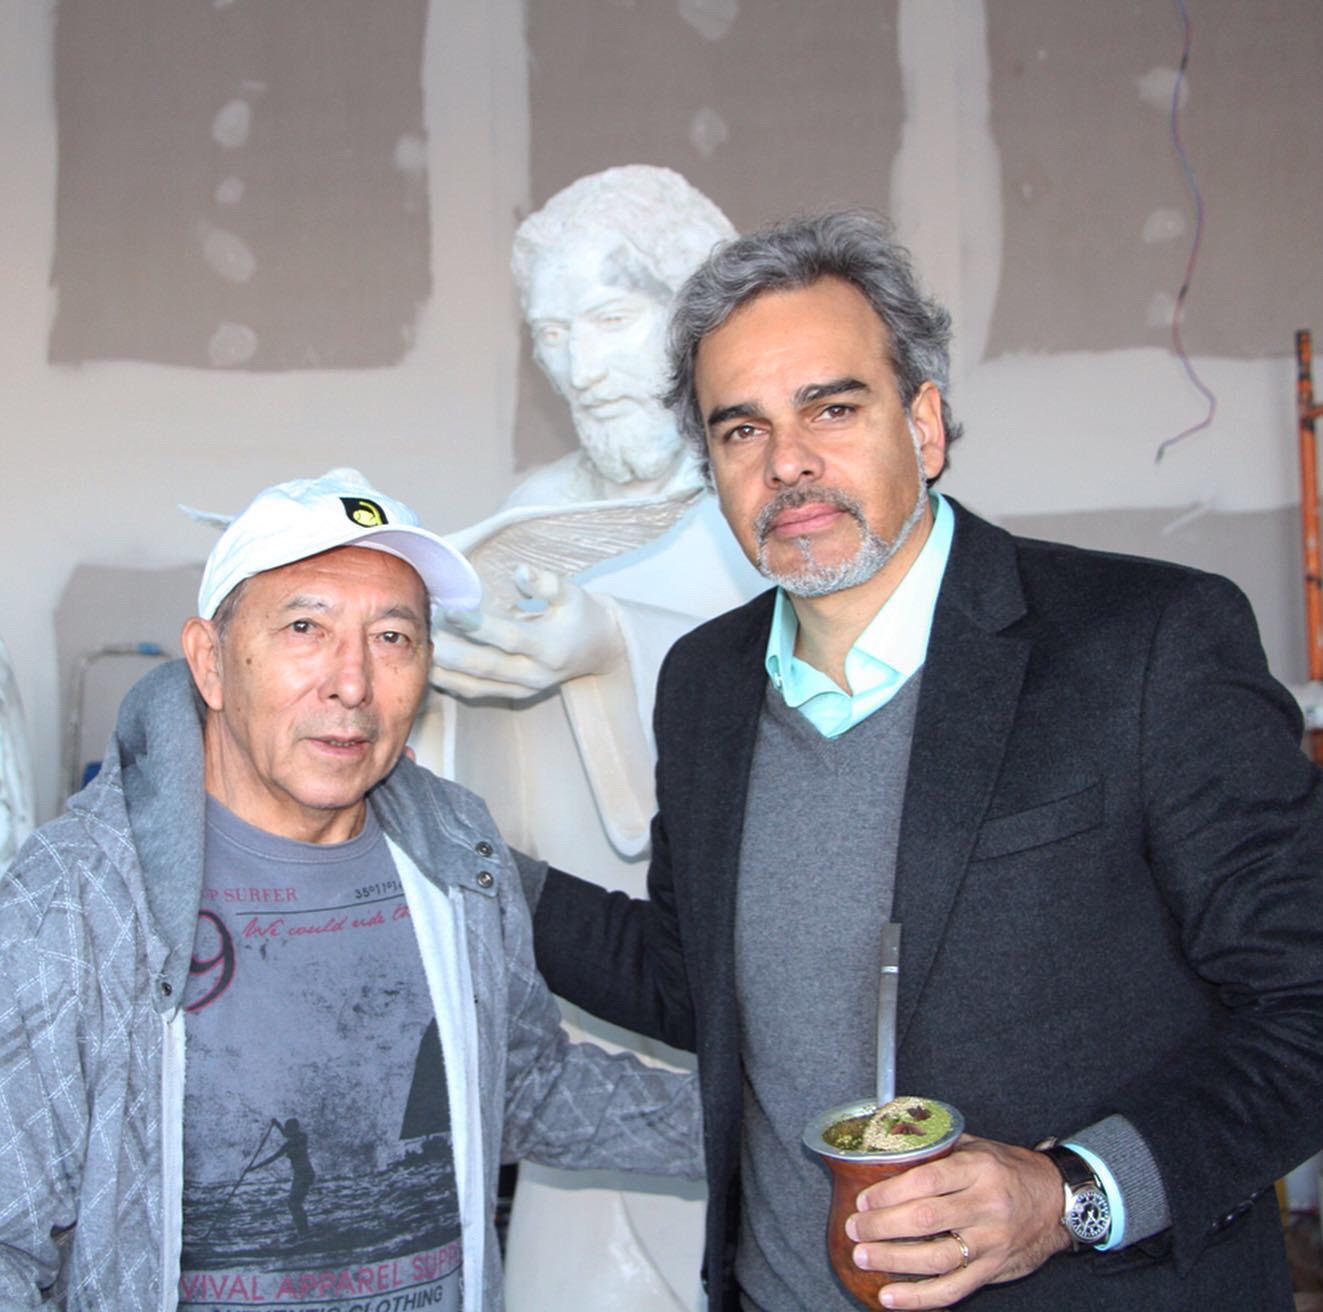 Artista Plástico Juan Amoretti apresenta a primeira estátua do empreendimento Espírito Santo